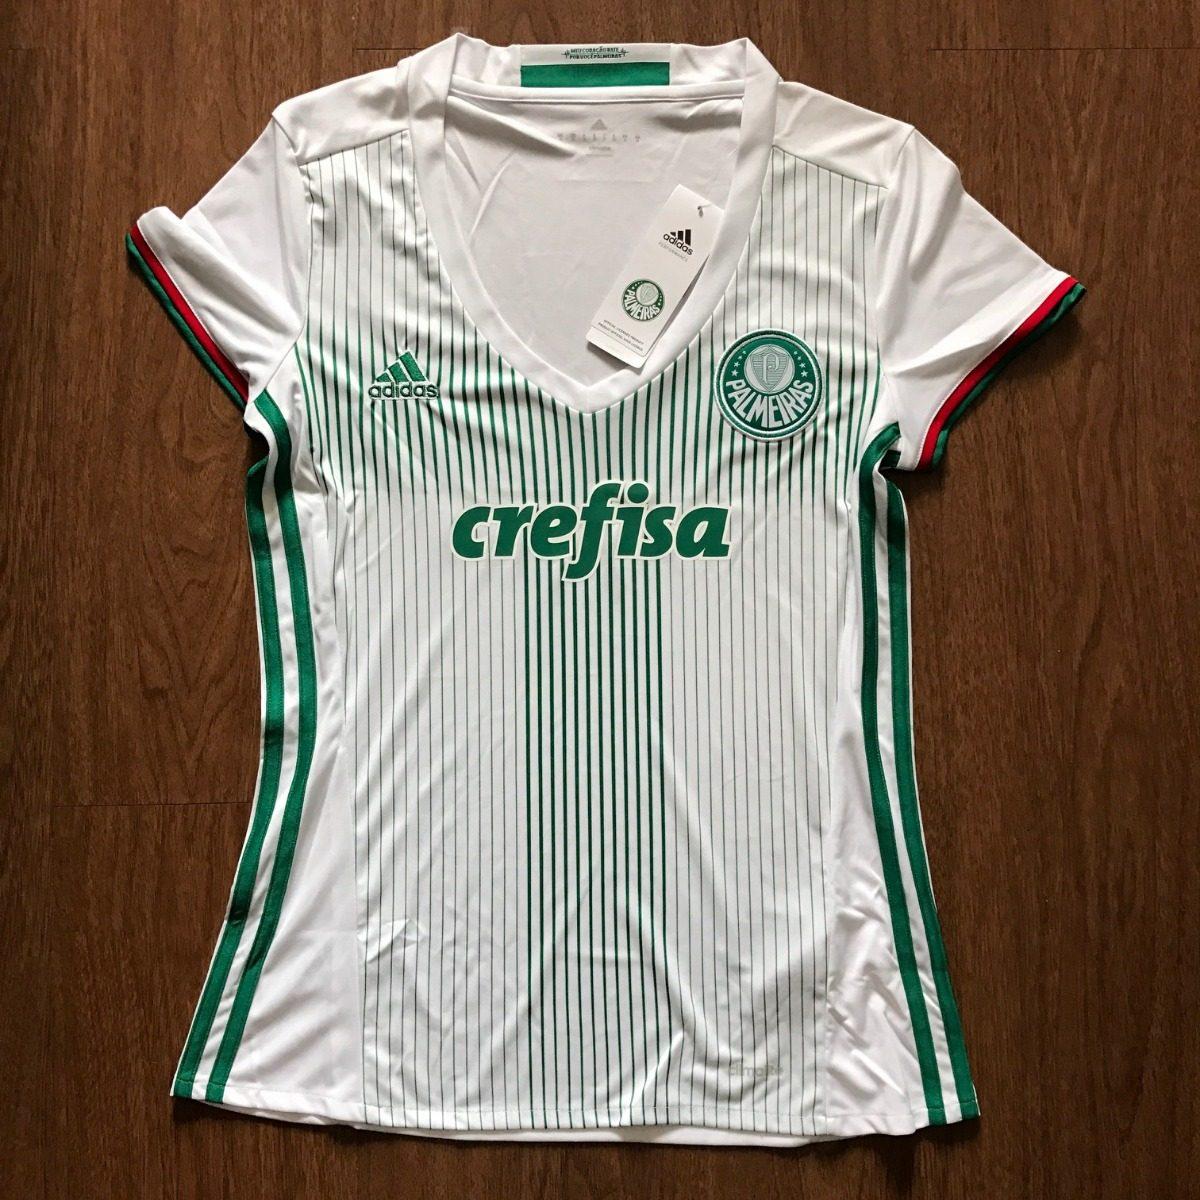 ... camisa palmeiras adidas feminina branca do título brasileiro. Carregando  zoom. 42e56776f2de7